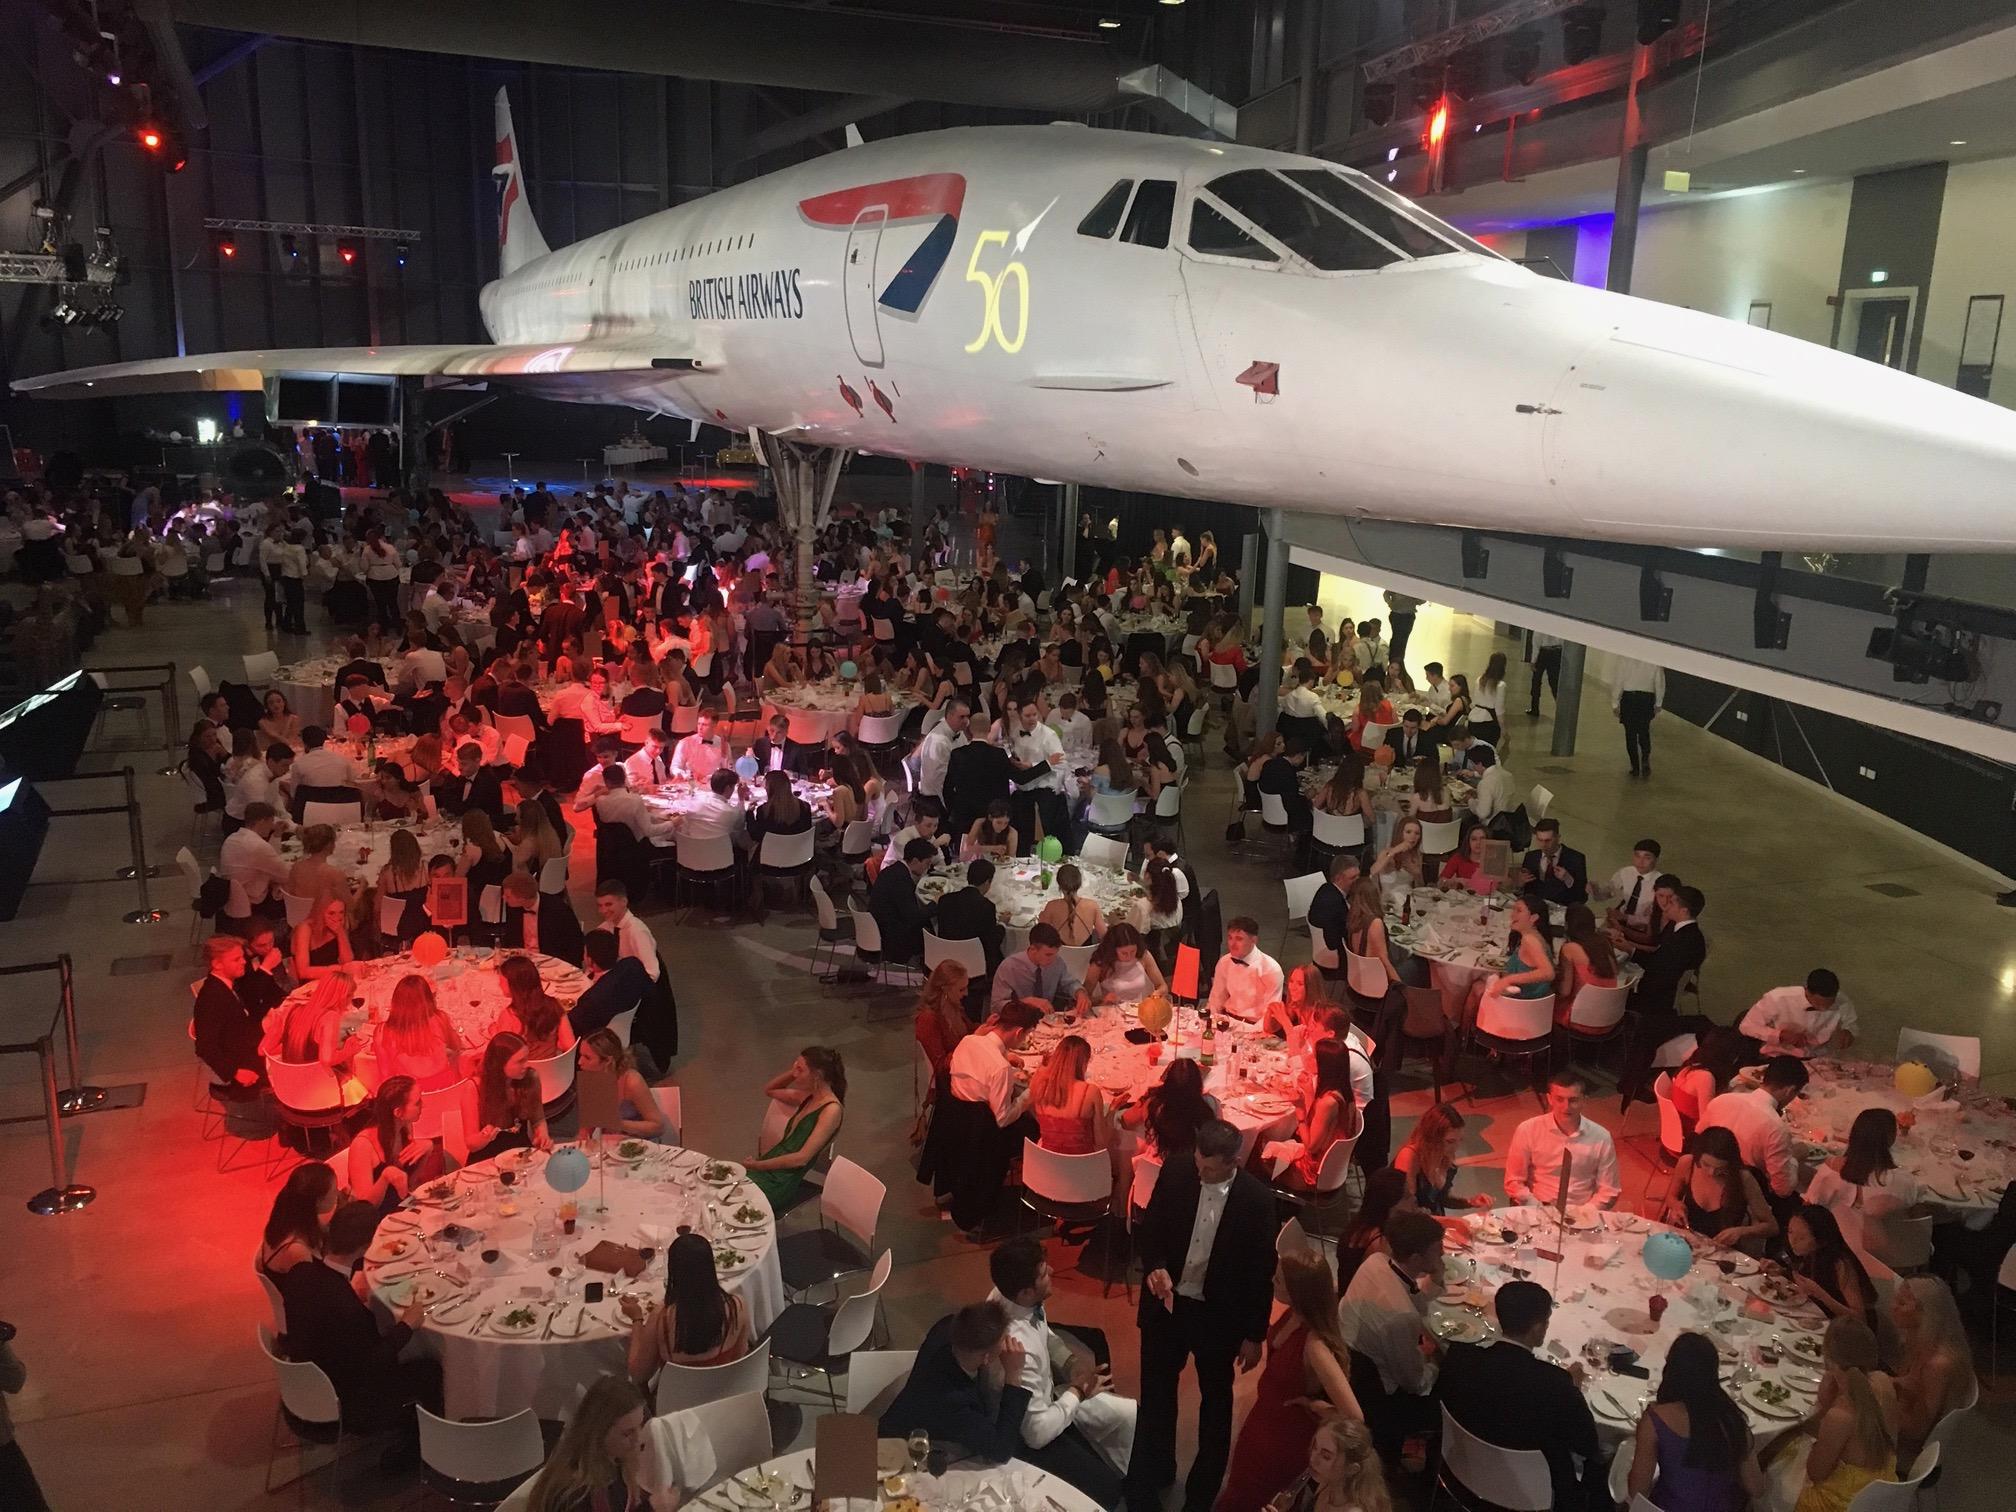 Concorde corporate ball